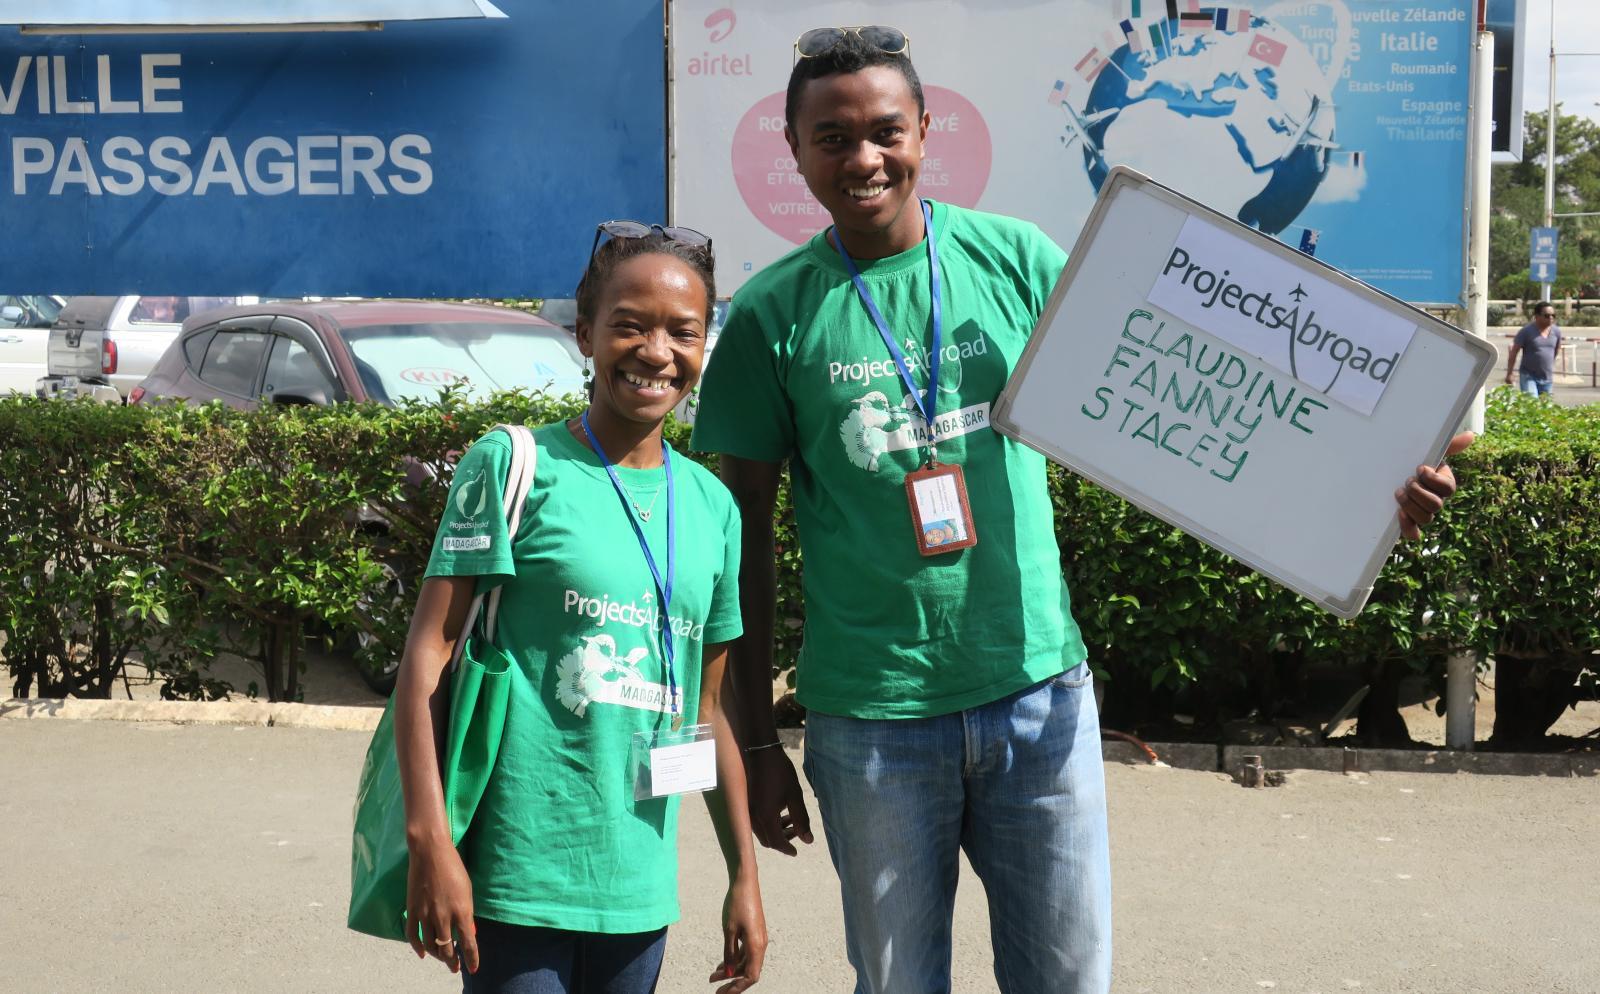 El personal en destino local recibiendo a voluntarios en el aeropuerto.